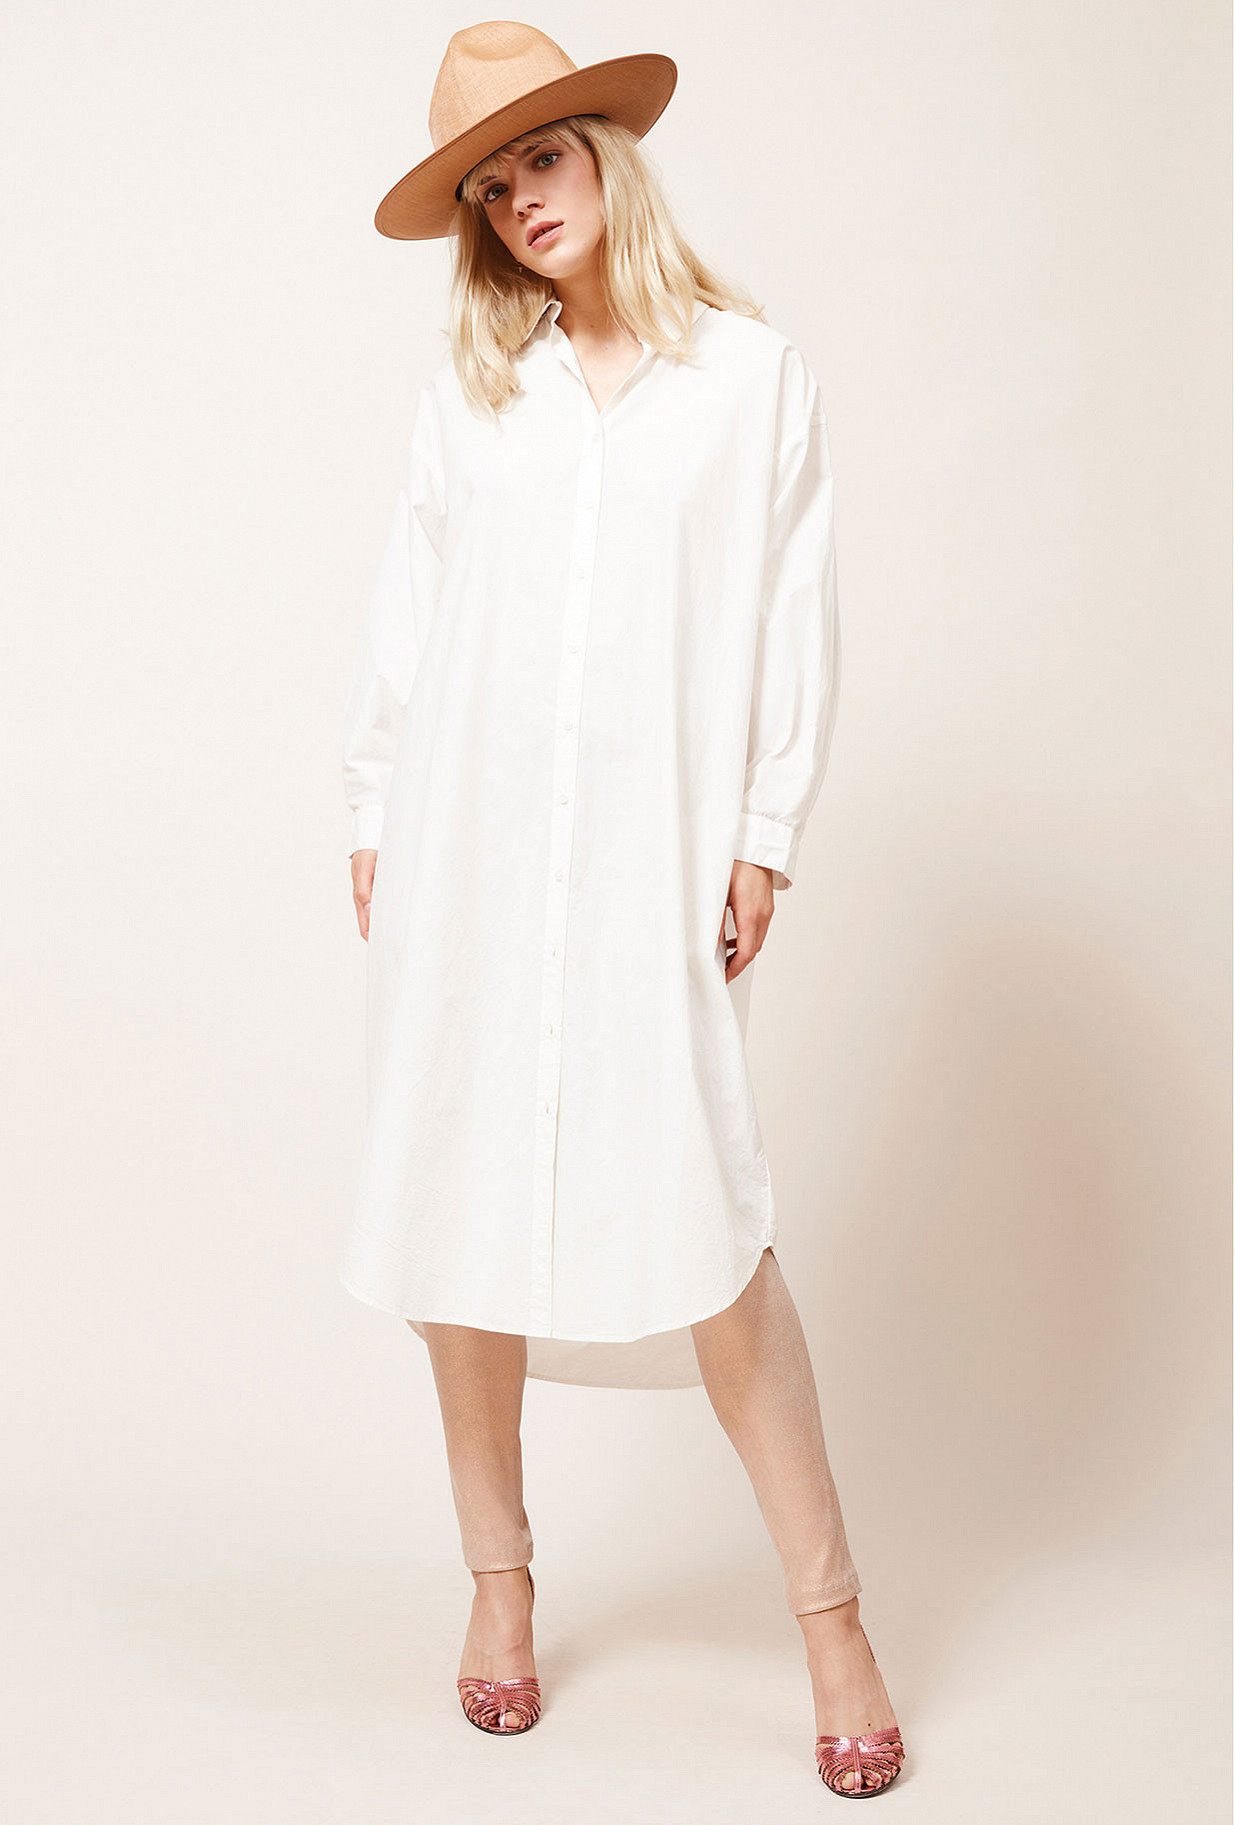 Paris clothes store Shirt  Kamisette french designer fashion Paris